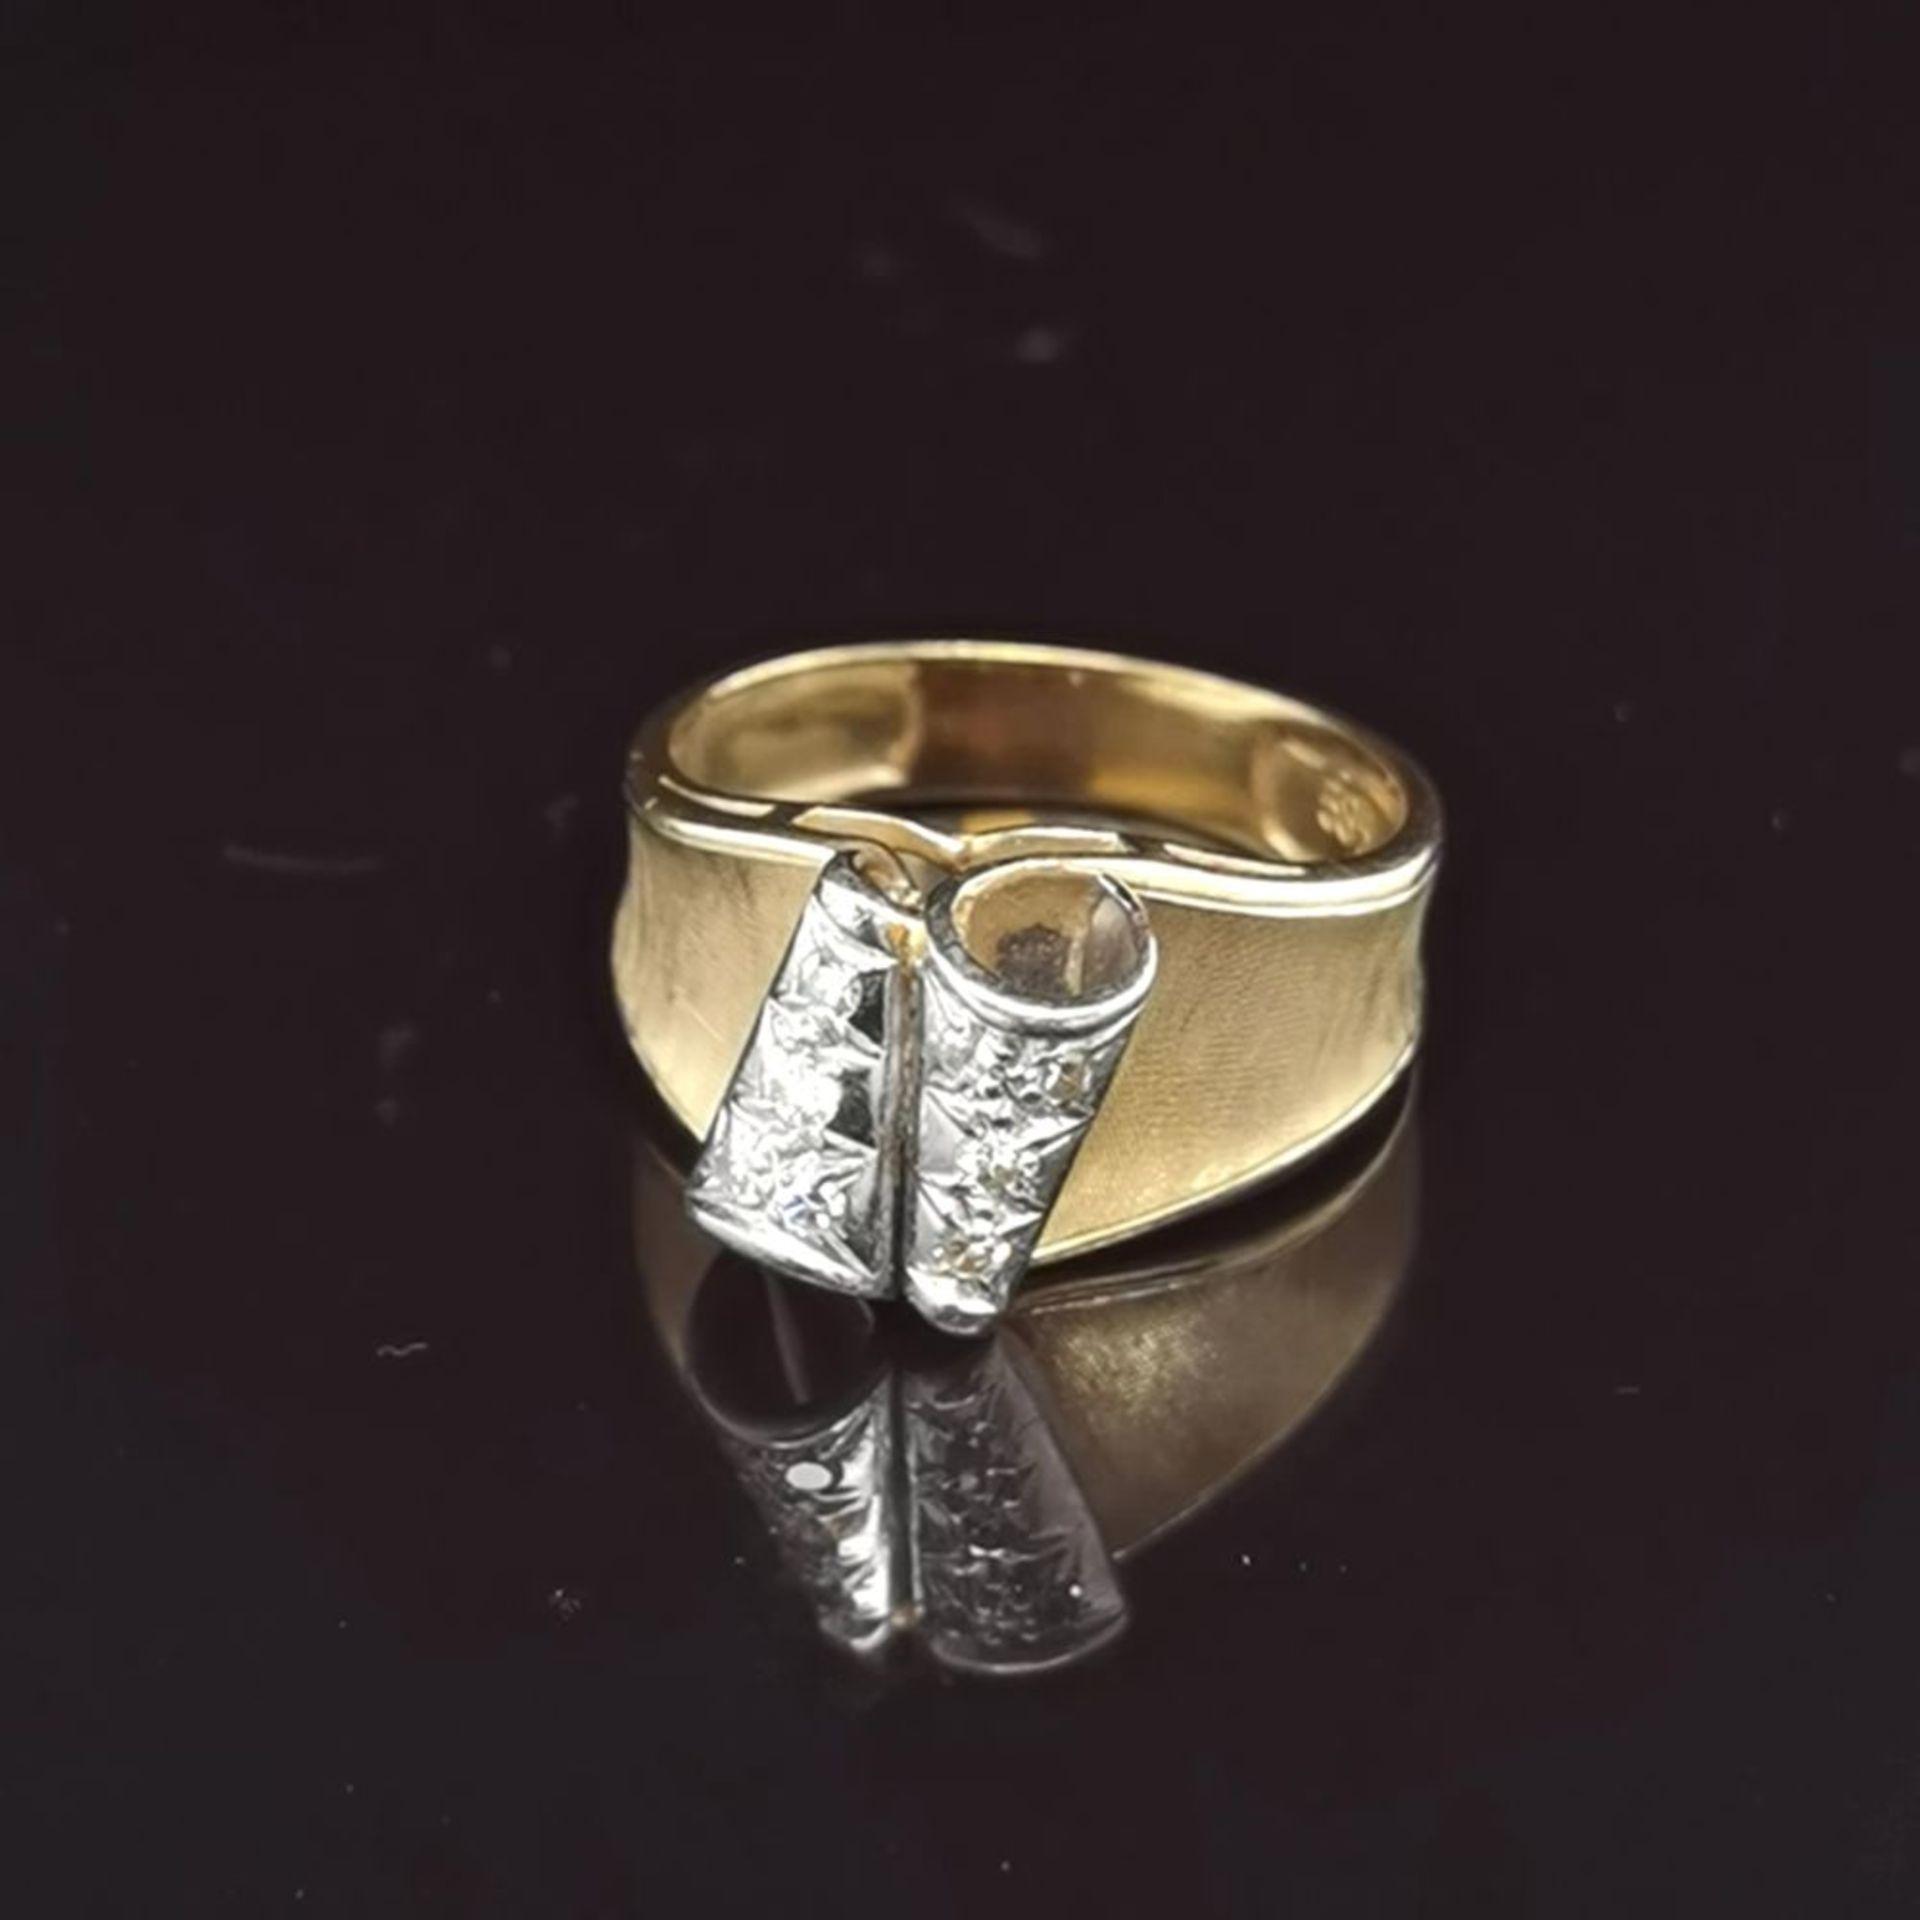 Diamant-Ring, 585 Gold 5,4